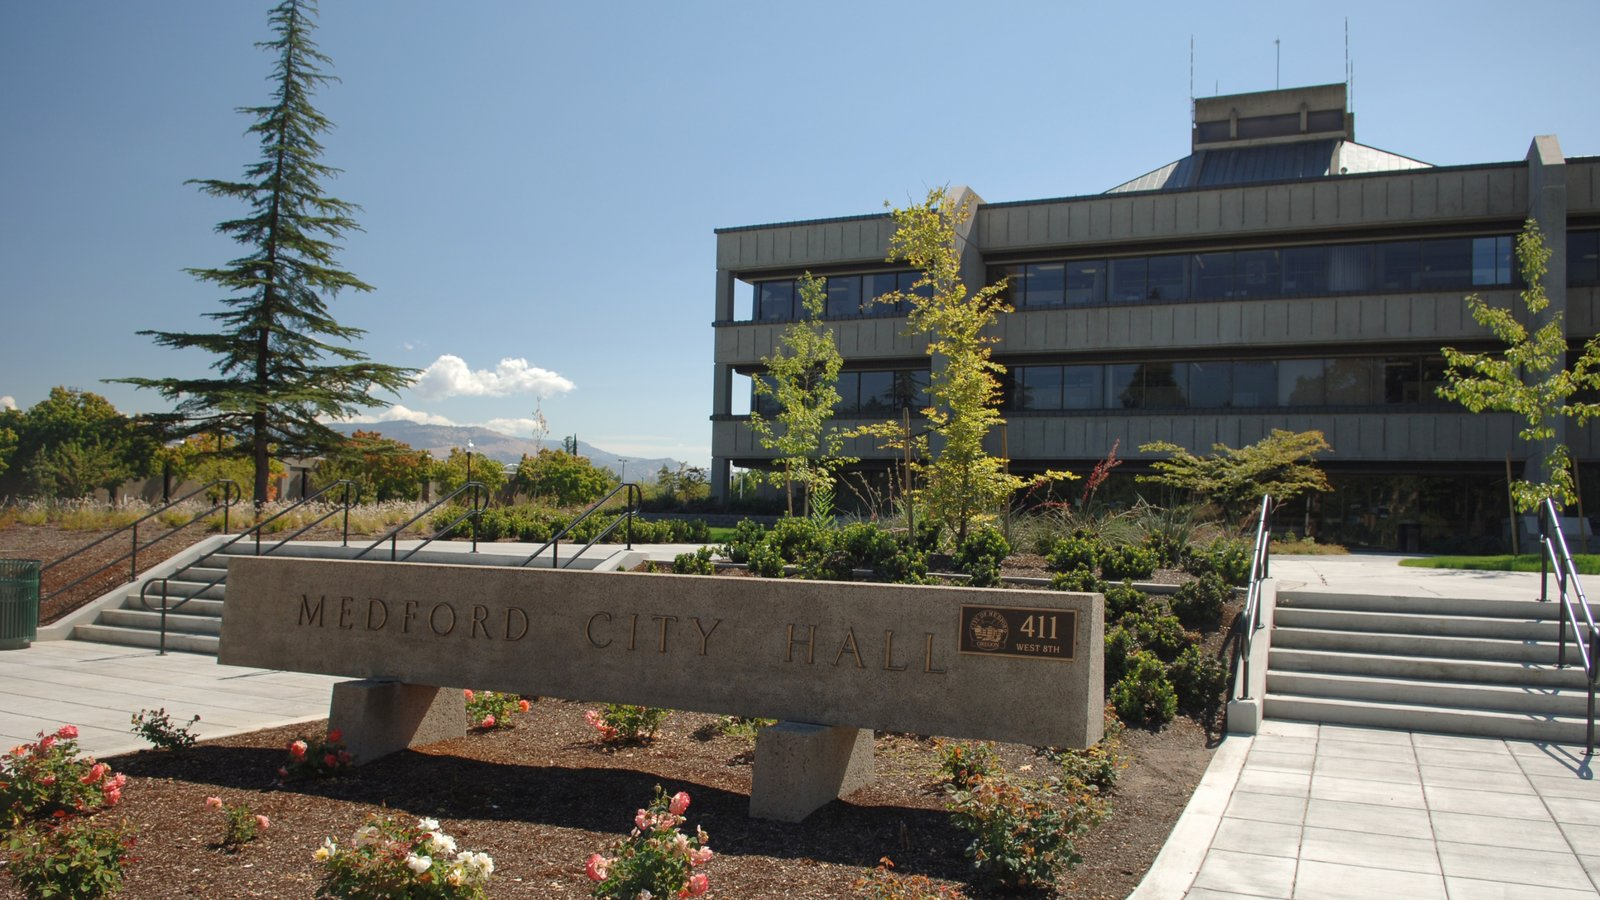 Medford mostrando un parque y un edificio administrativo